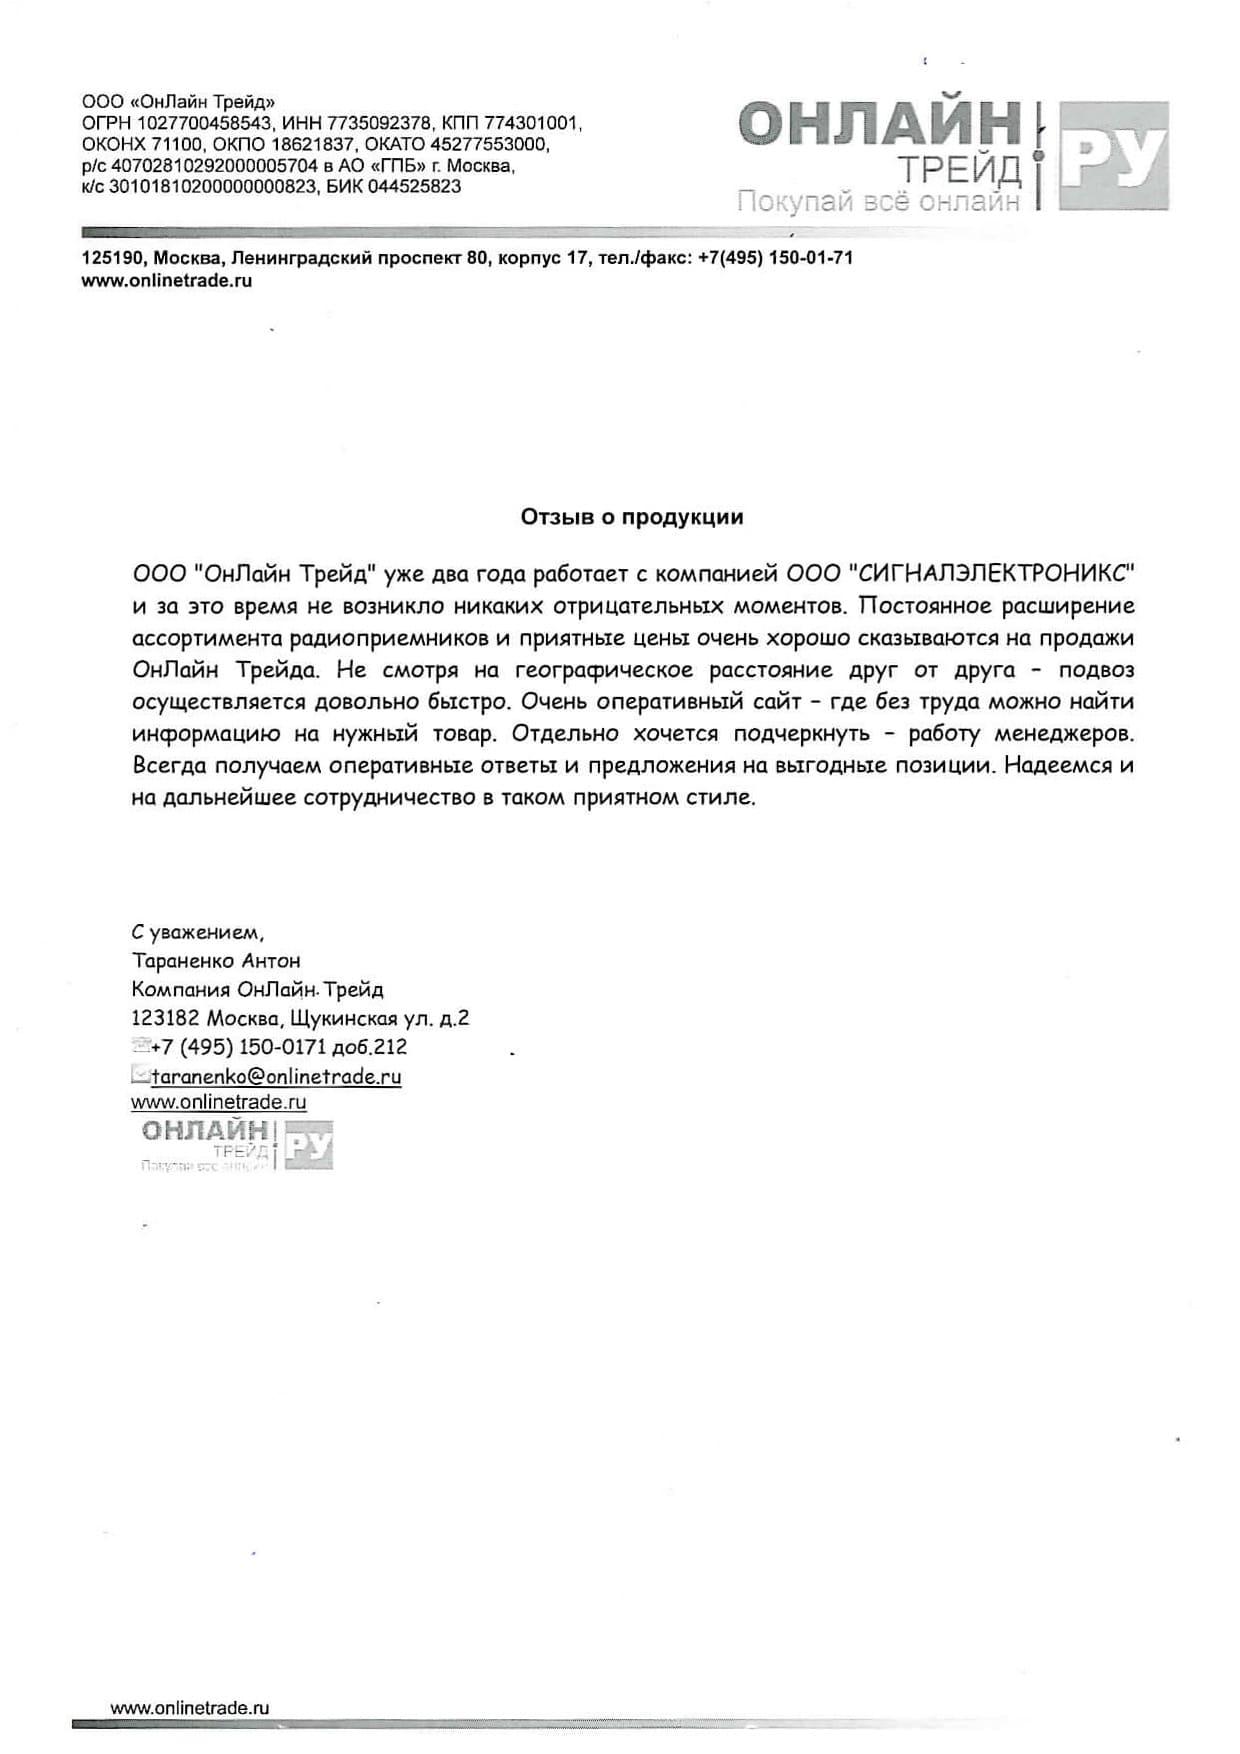 Бик сбербанк екатеринбург куйбышева 67